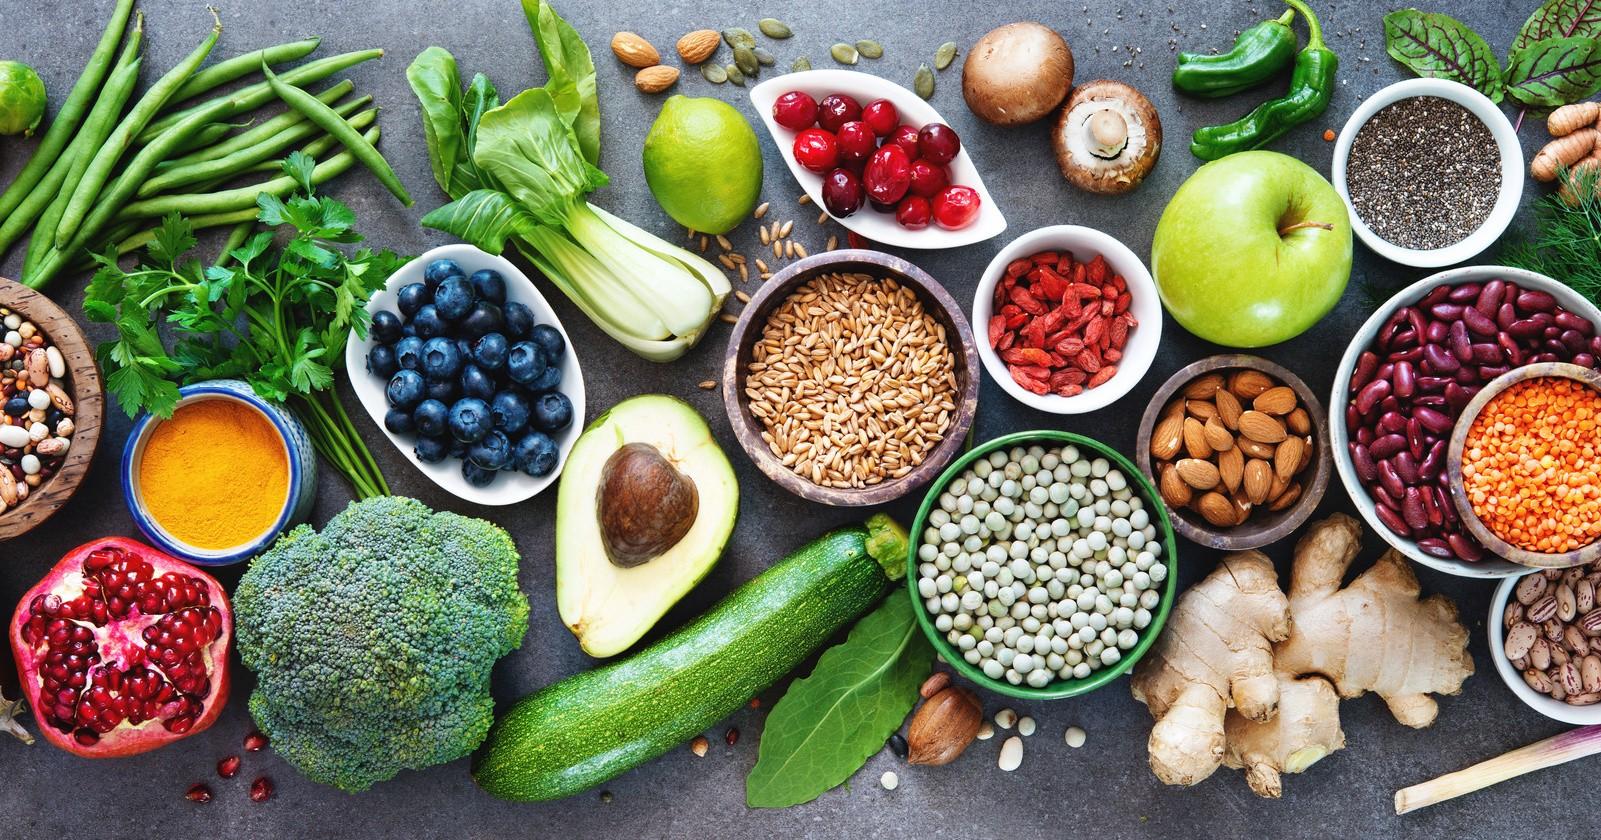 viên uống giảm cân dhc, tác hại của thuốc giảm cân dhc, thuốc giảm cân dhc của nhật, viên uống giảm cân dhc 20 ngày của nhật, thuốc giảm cân dhc của nhật review, review thuốc giảm cân dhc dầu dừa, viên uống giảm cân dhc dầu dừa, viên uống giảm cân dhc có tốt không webtretho, viên uống giảm cân dhc review, thuốc giảm cân dhc review, viên uống giảm cân dhc có tốt không, viên uống giảm cân dhc diet topawa, cách sử dụng thuốc giảm cân dhc, viên giảm cân dhc dầu dừa, thuốc giảm cân dhc nhật, thuốc giảm cân dhc có tốt không, thuốc giảm cân dhc dầu dừa, viên uống giảm cân dhc lean body mass, viên giảm cân dhc review, cách uống thuốc giảm cân dhc, viên uống giảm cân dhc của nhật, viên uống giảm cân dhc dầu dừa review, viên uống giảm cân dhc 20 ngày, review viên uống giảm cân dhc 20 ngày, cách sử dụng viên uống giảm cân dhc, thuốc giảm cân dhc lean body mass, thuốc giảm cân dhc webtretho, thuốc giảm cân dhc 20 ngày, thuốc giảm cân dhc 30 ngày, thuốc giảm cân dhc 60 ngày, thuốc giảm cân dhc diet power, thuốc giảm cân dhc nhật bản, thuốc giảm cân của dhc, thuốc giảm cân dhc của nhật bản, thuốc giảm cân dhc có hiệu quả không, viên giảm cân dhc có tốt không, thuốc giảm cân dhc cách dùng, thuốc giảm cân dhc loại nào tốt, các loại thuốc giảm cân dhc, giảm cân dhc lean body mass, thuốc giảm cân dhc topawa, thuốc giảm cân dhc dừa, viên giảm cân dhc 20 ngày, viên uống giảm cân dhc 30 ngày, viên uống giảm cân dhc 60 ngày, viên giảm cân dhc 60 ngày, viên uống giảm cân dhc nhật bản, viên uống giảm cân tan mỡ dhc